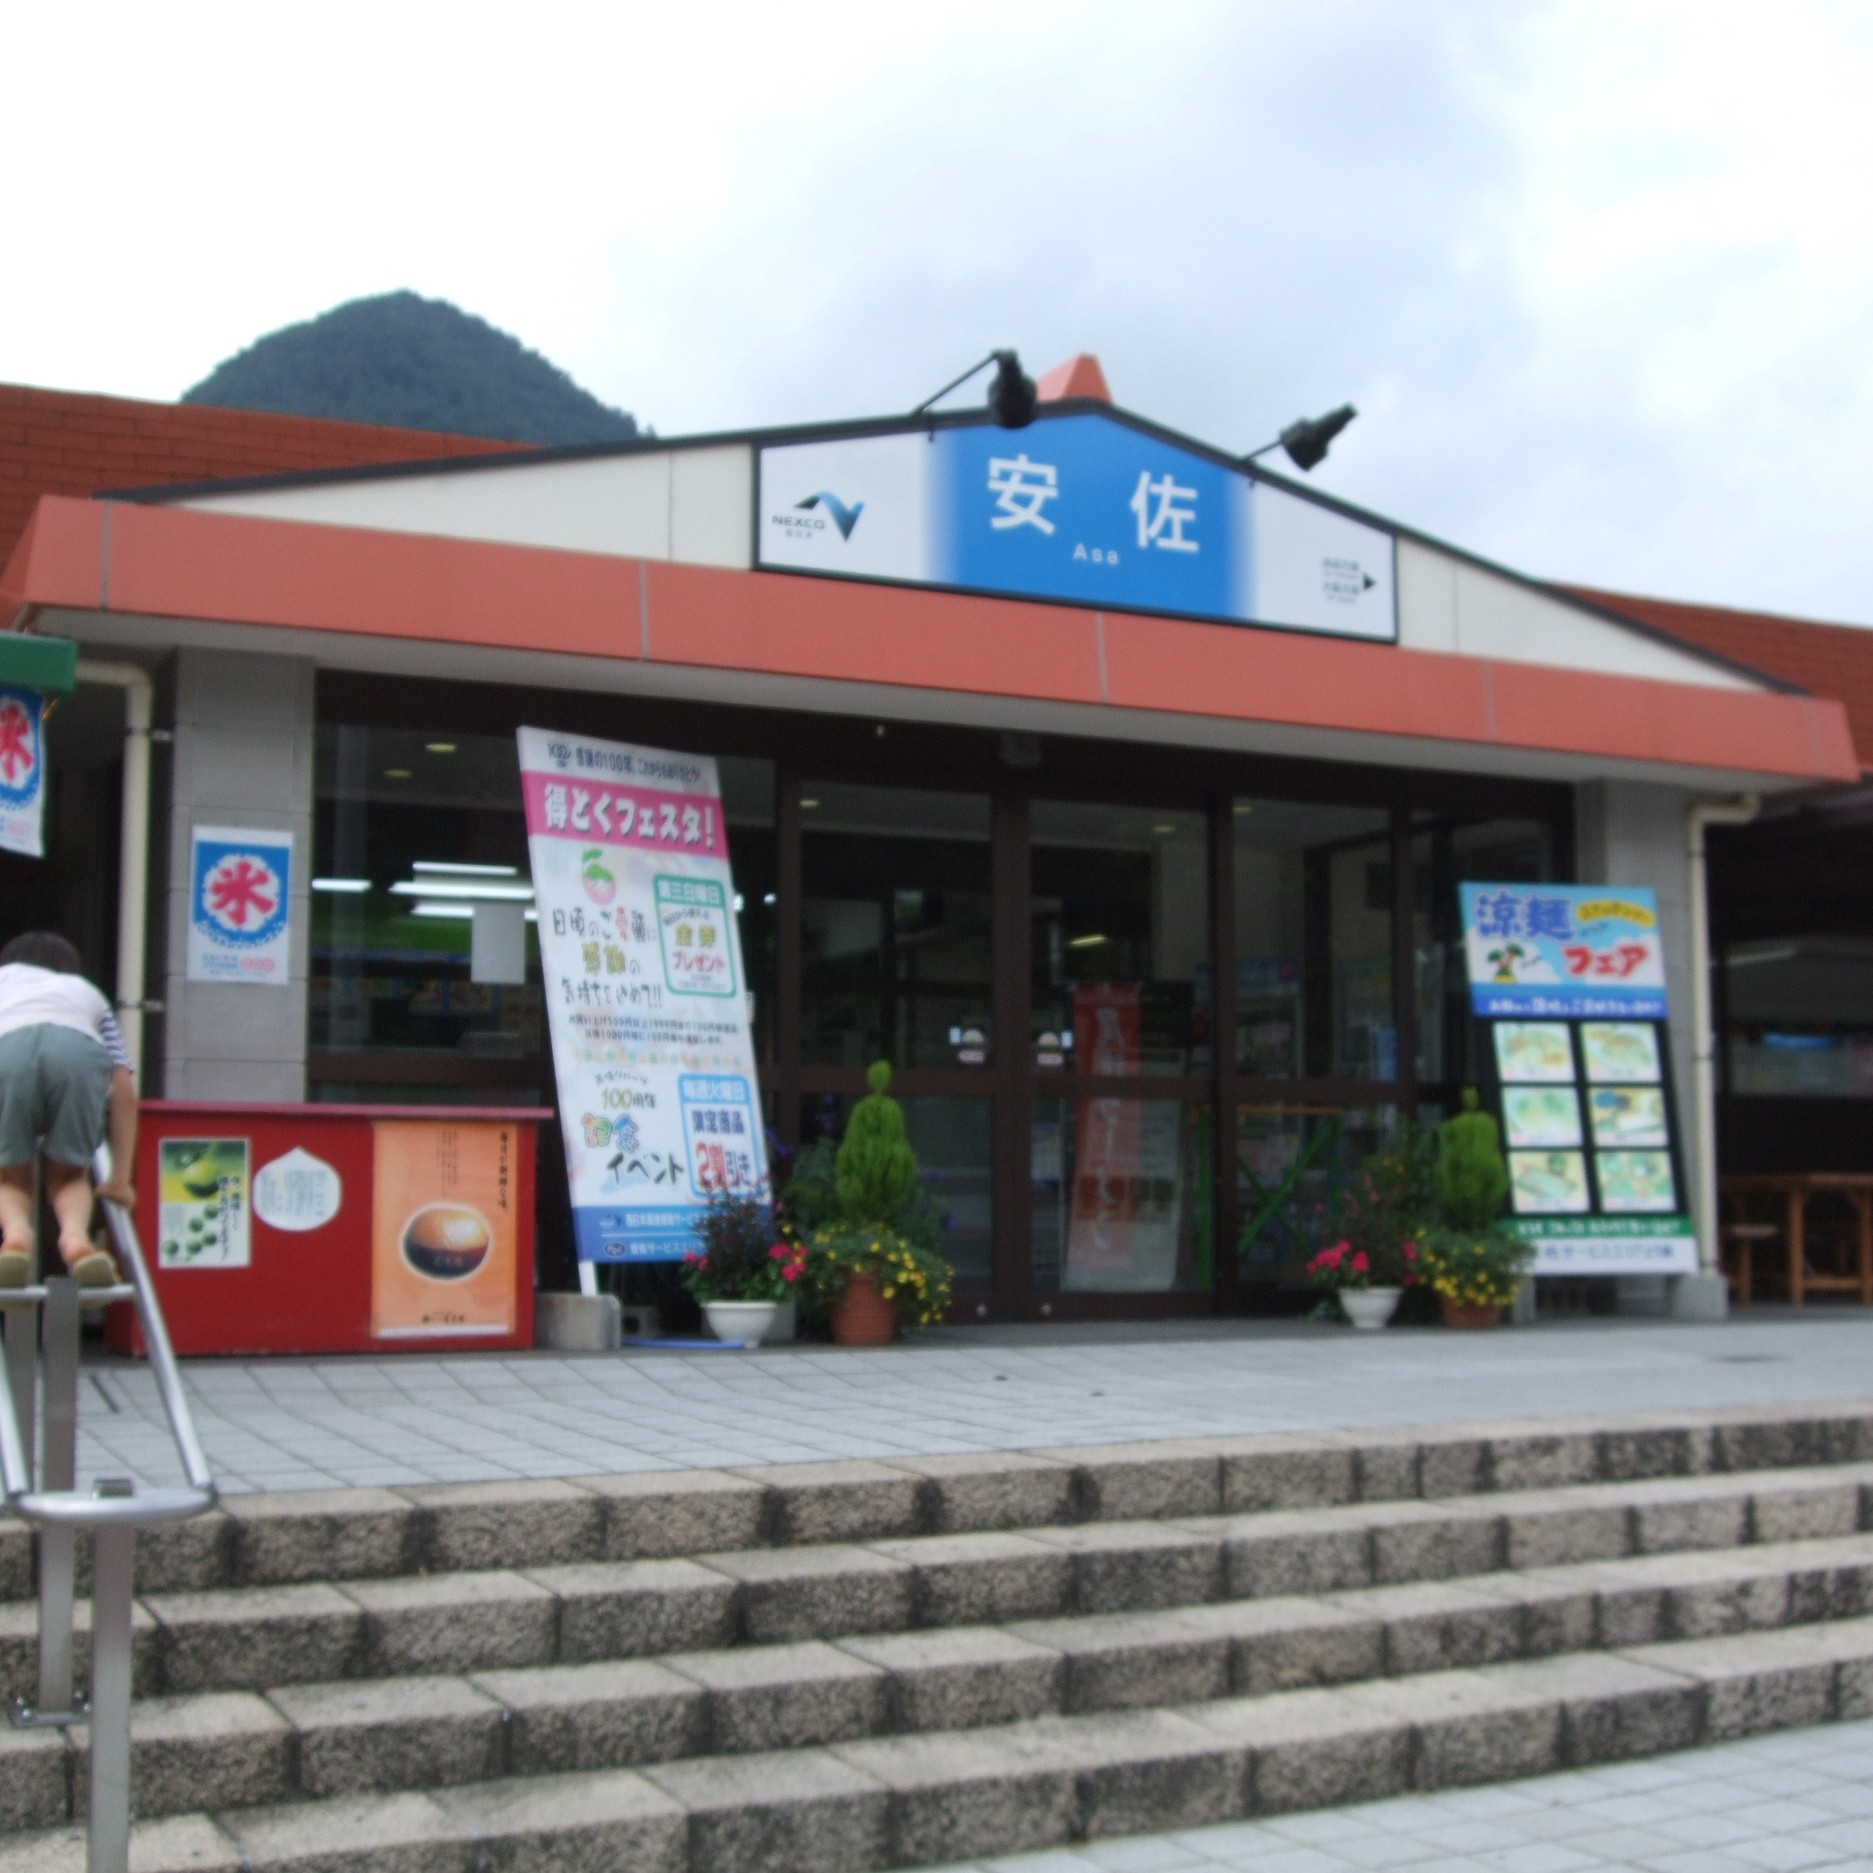 安佐サービスエリア(上り線)スナックコーナー